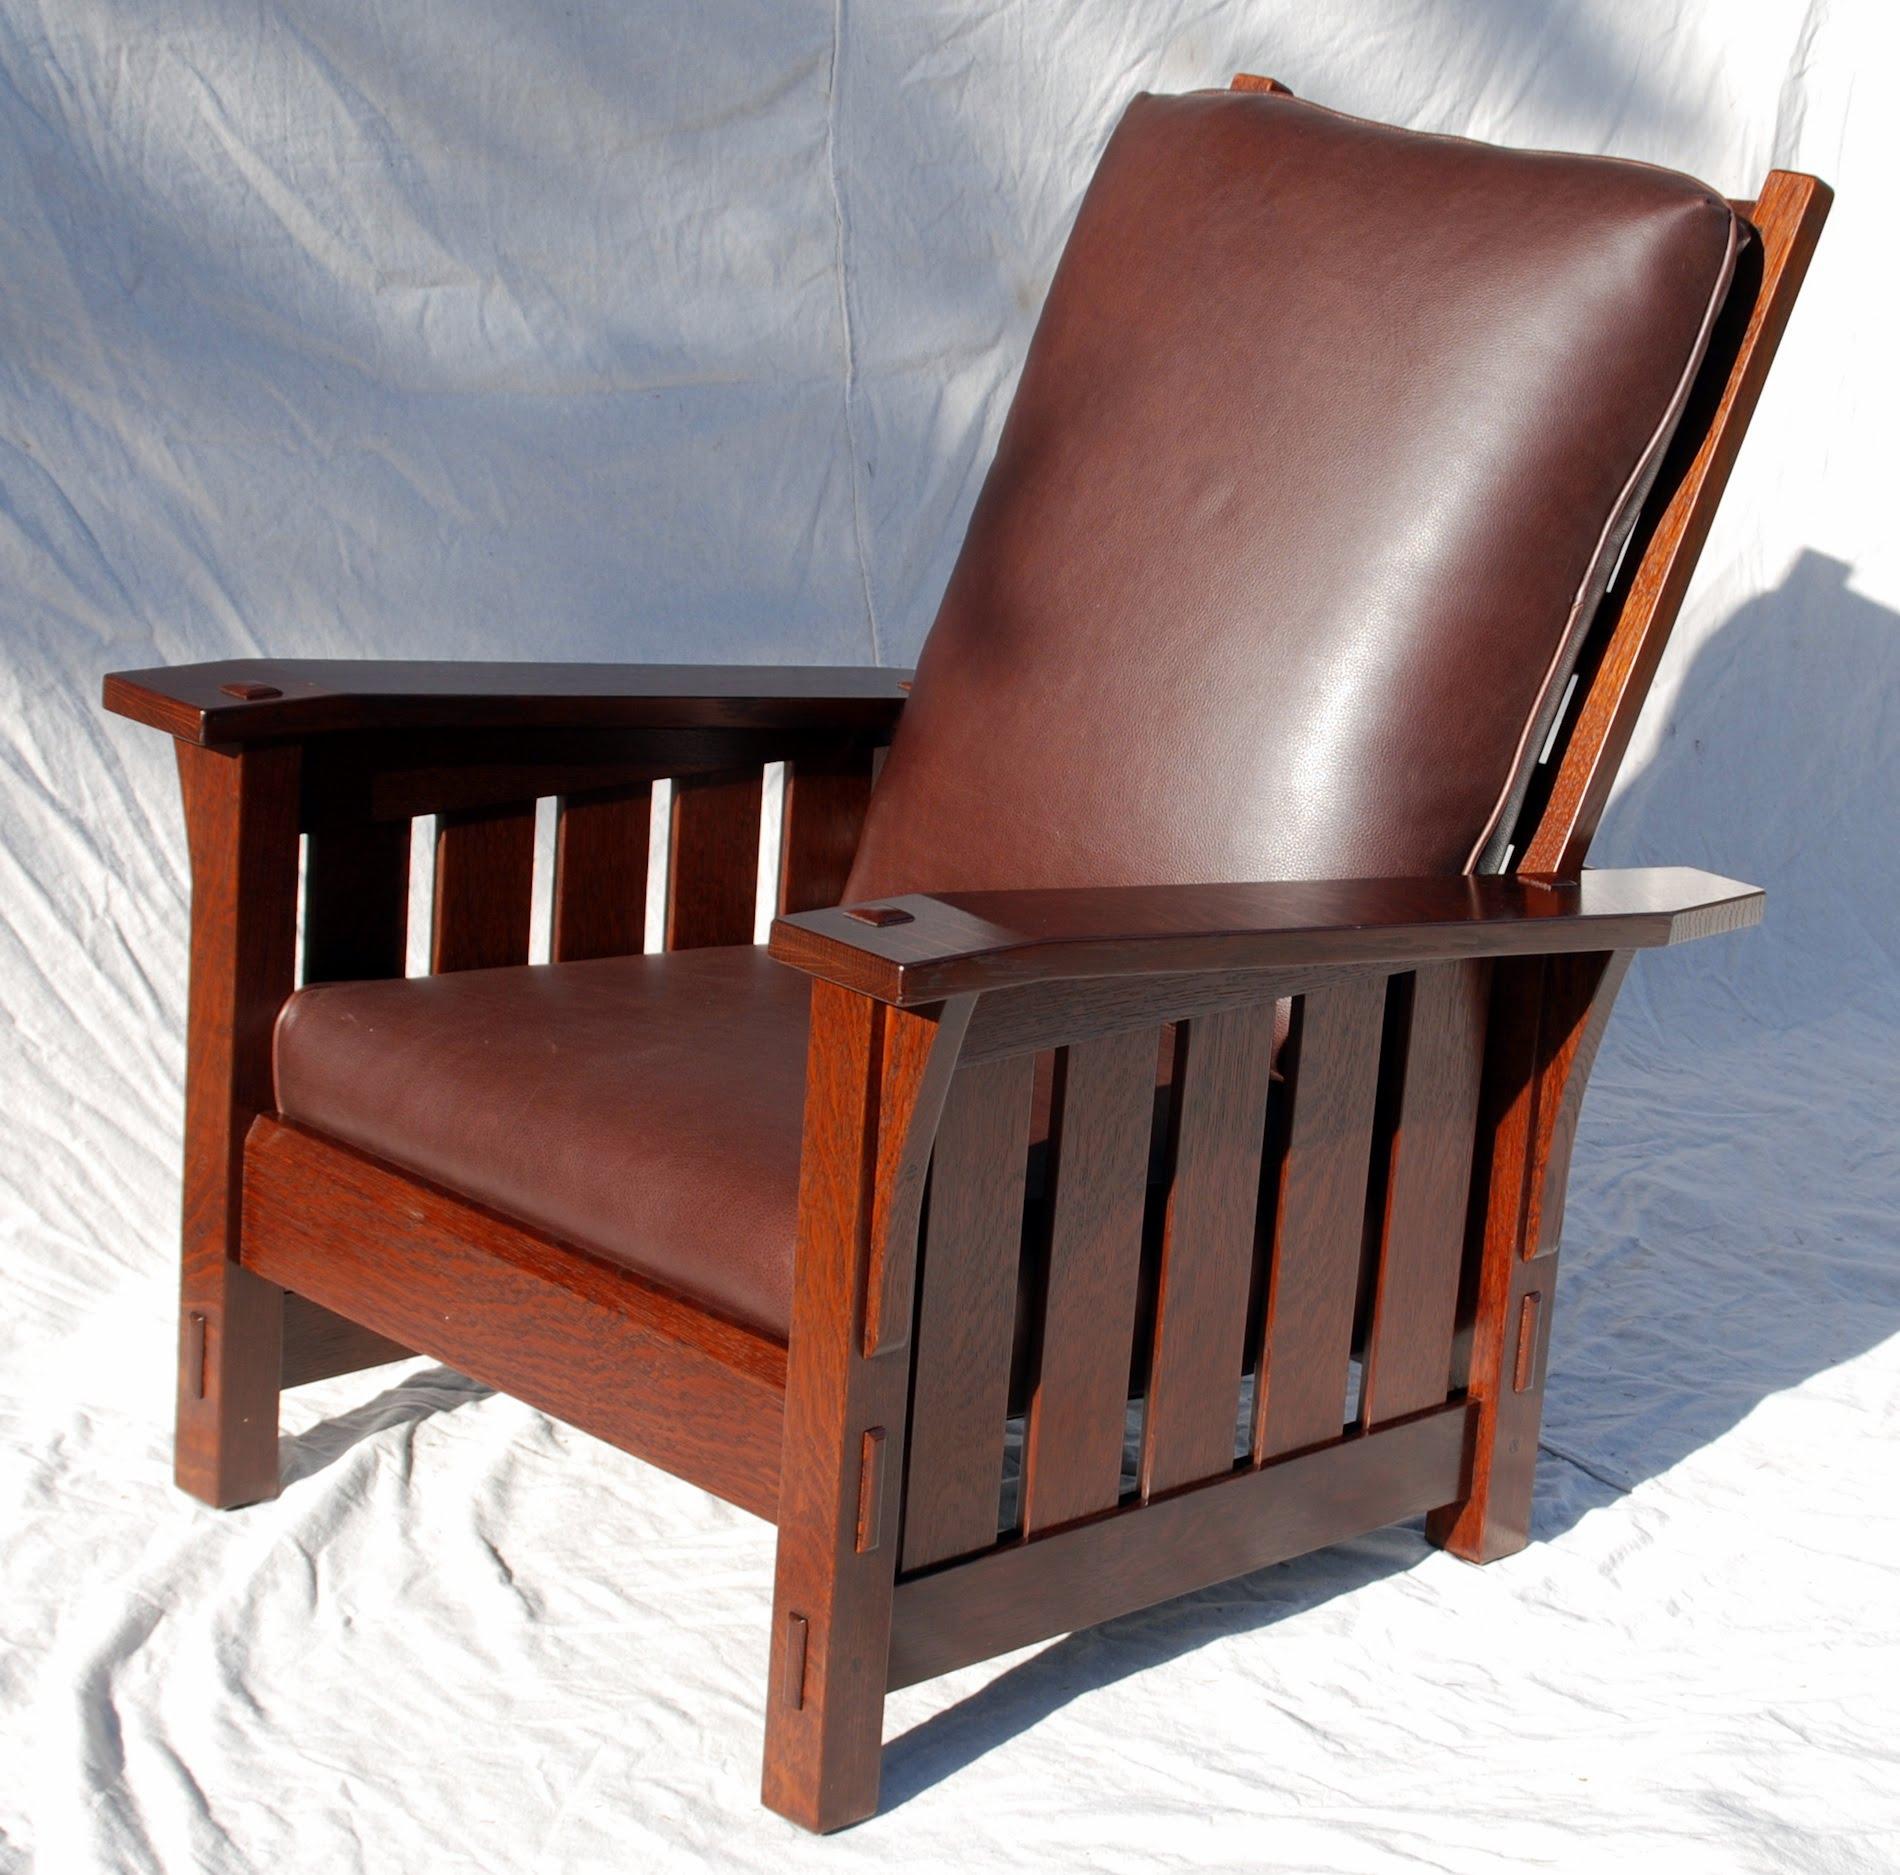 Remarkable Voorhees Craftsman Mission Oak Furniture Gustav Stickley Machost Co Dining Chair Design Ideas Machostcouk